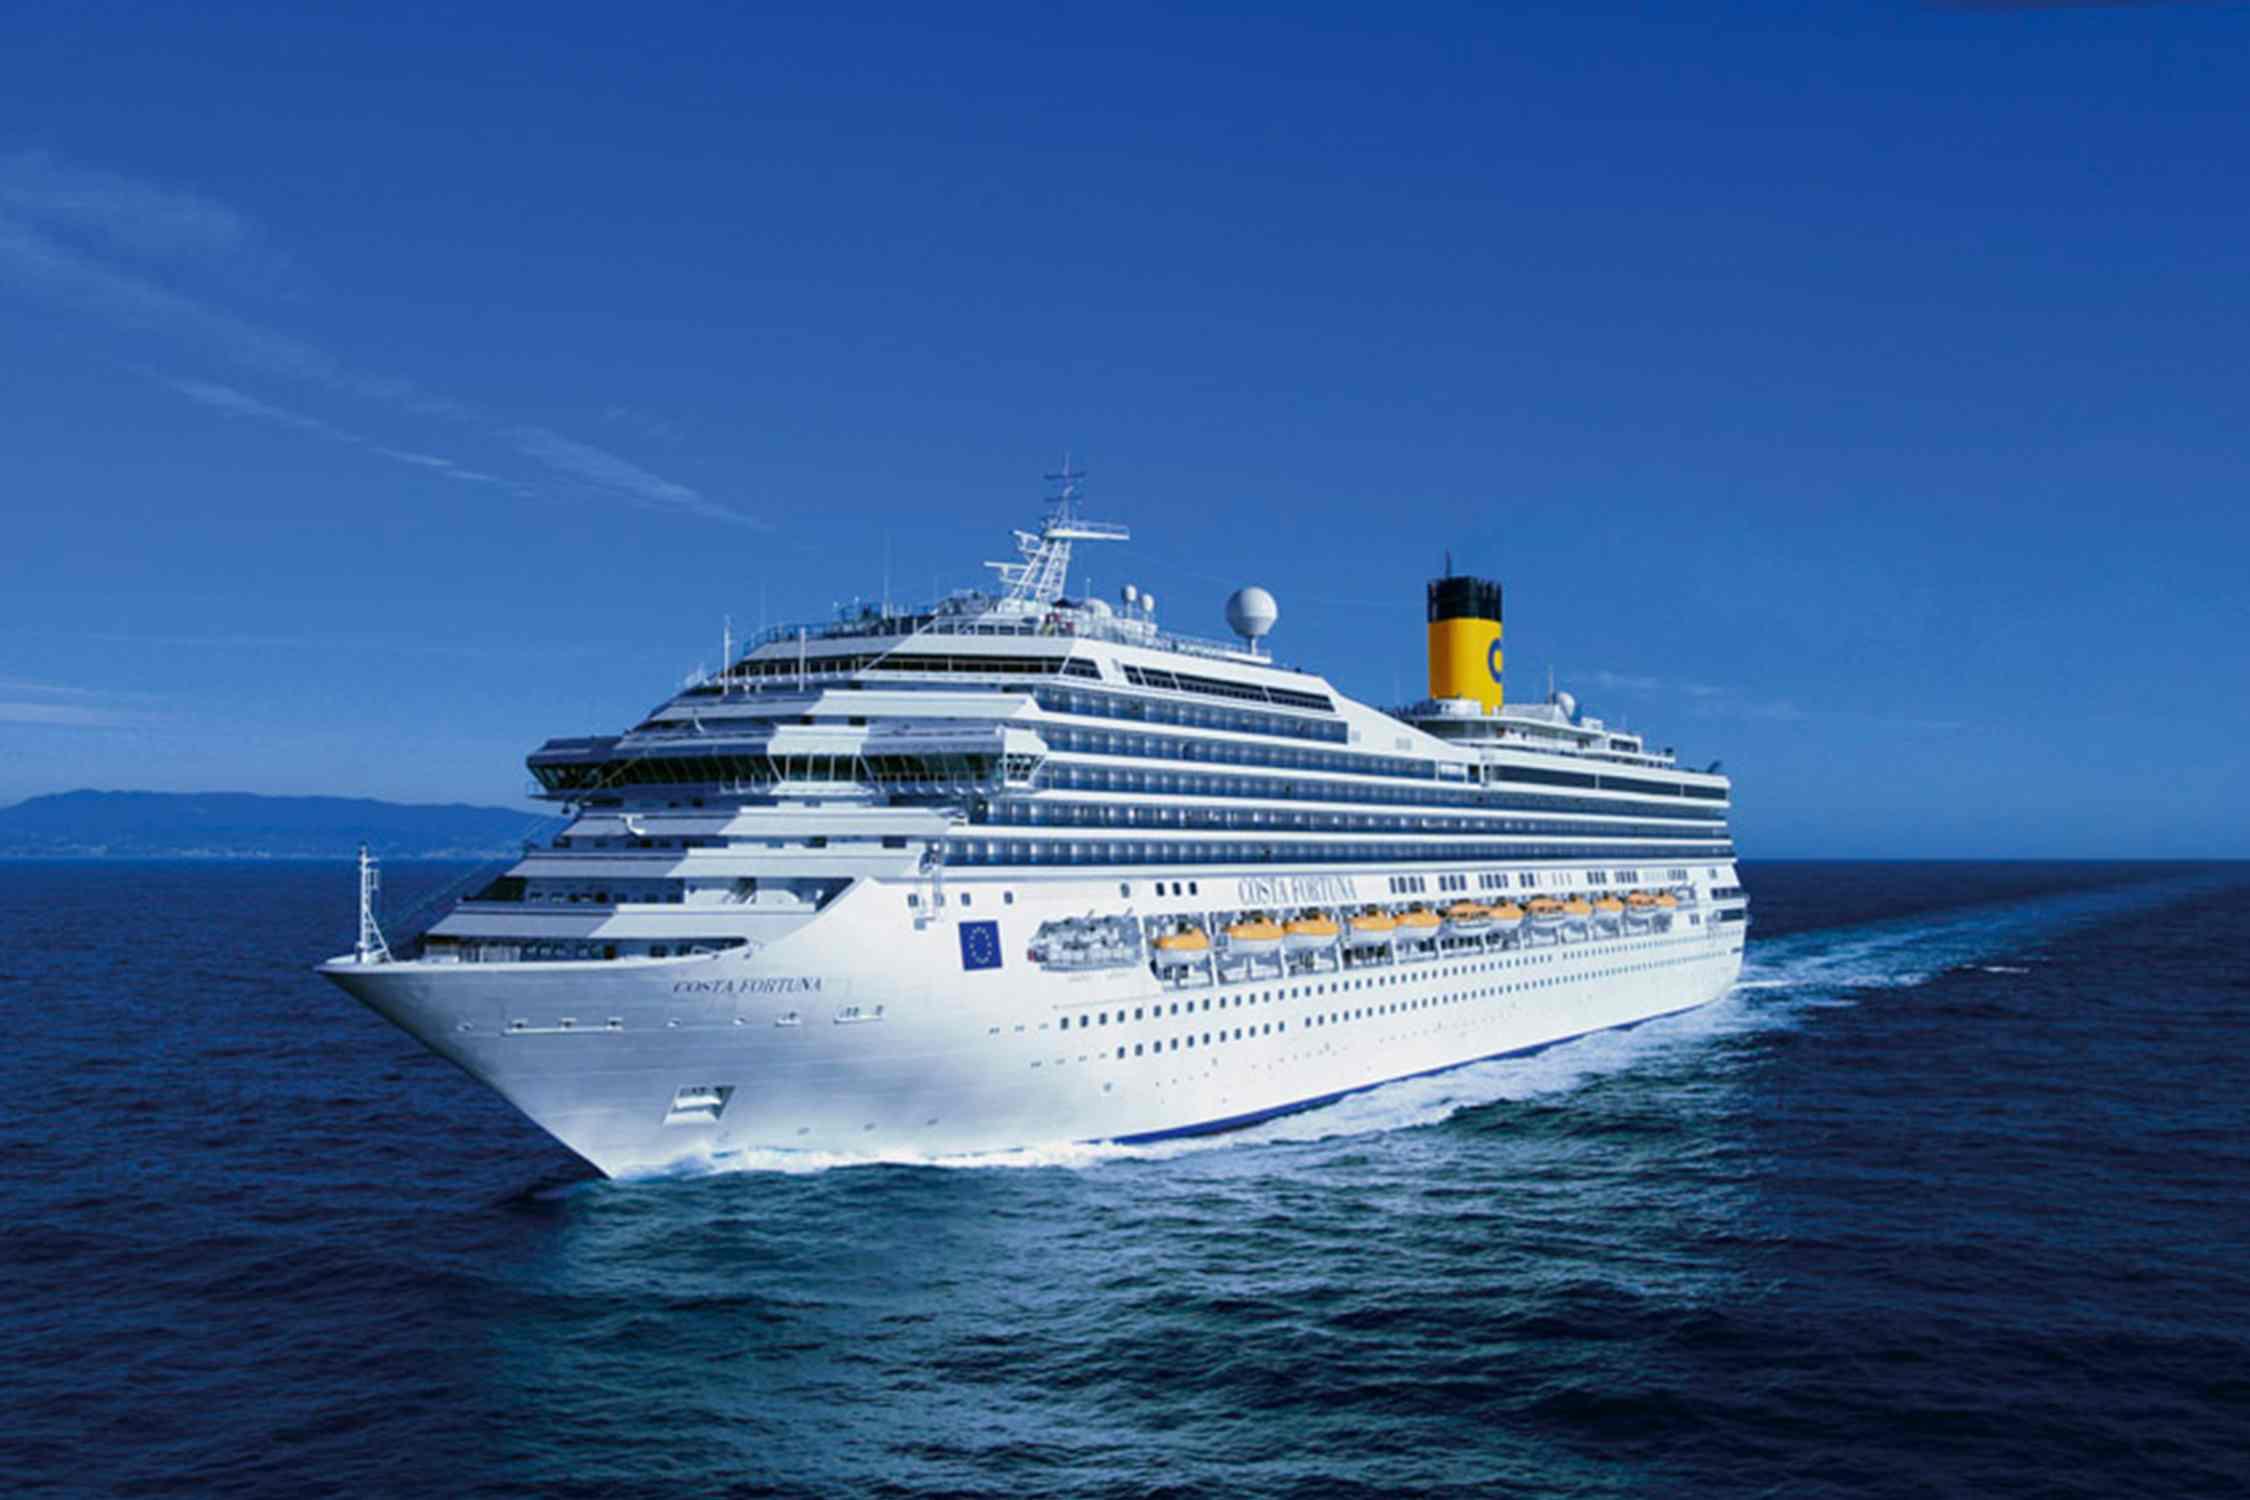 ล่องเรือสำราญ แหลมฉบัง สีหนุวิลล์ เกาะฟูก๊วก เกาะสมุย แหลมฉบัง 5วัน 4คืน